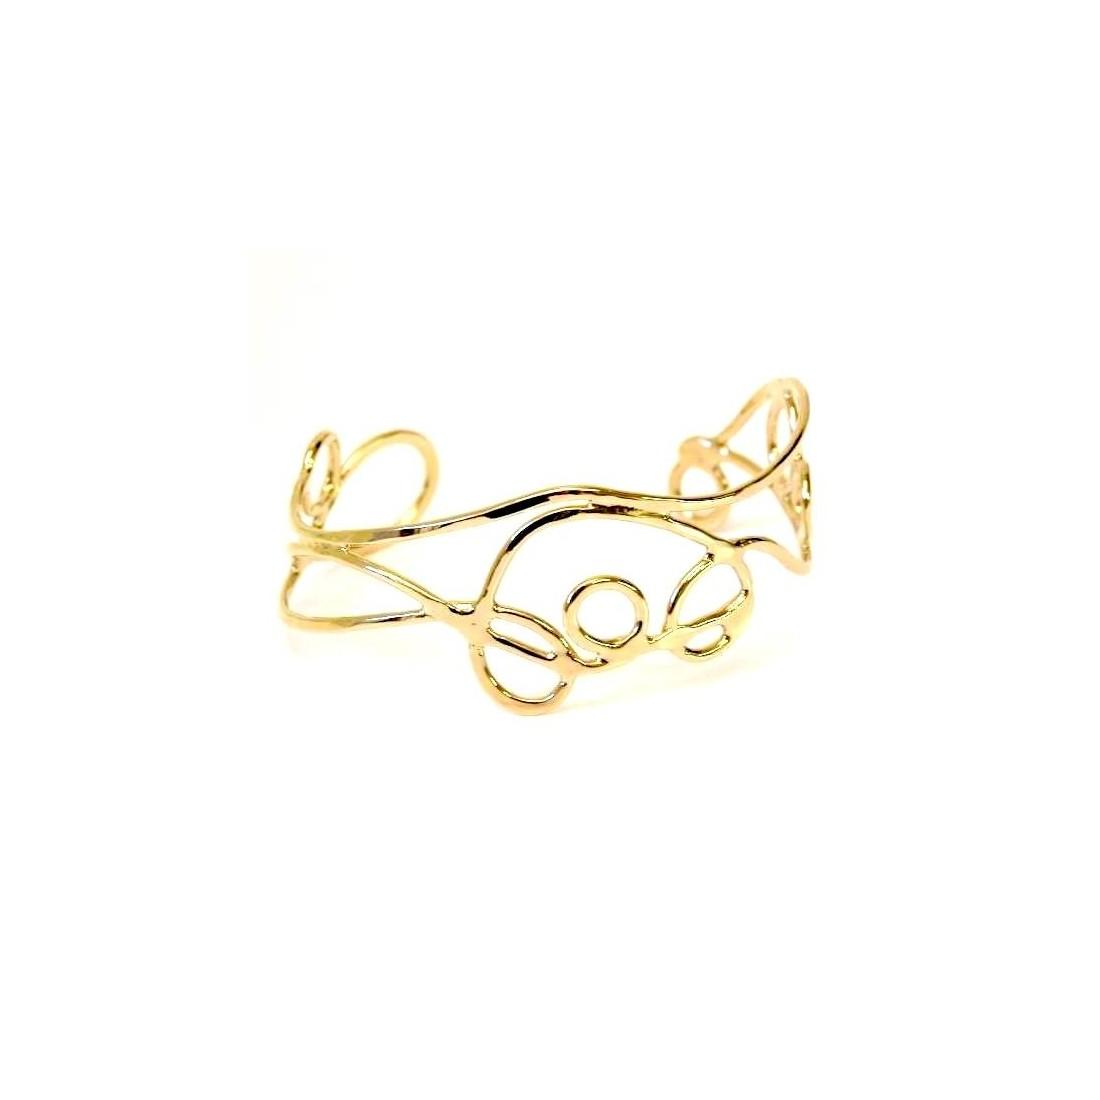 Bracelet doré, création unique.